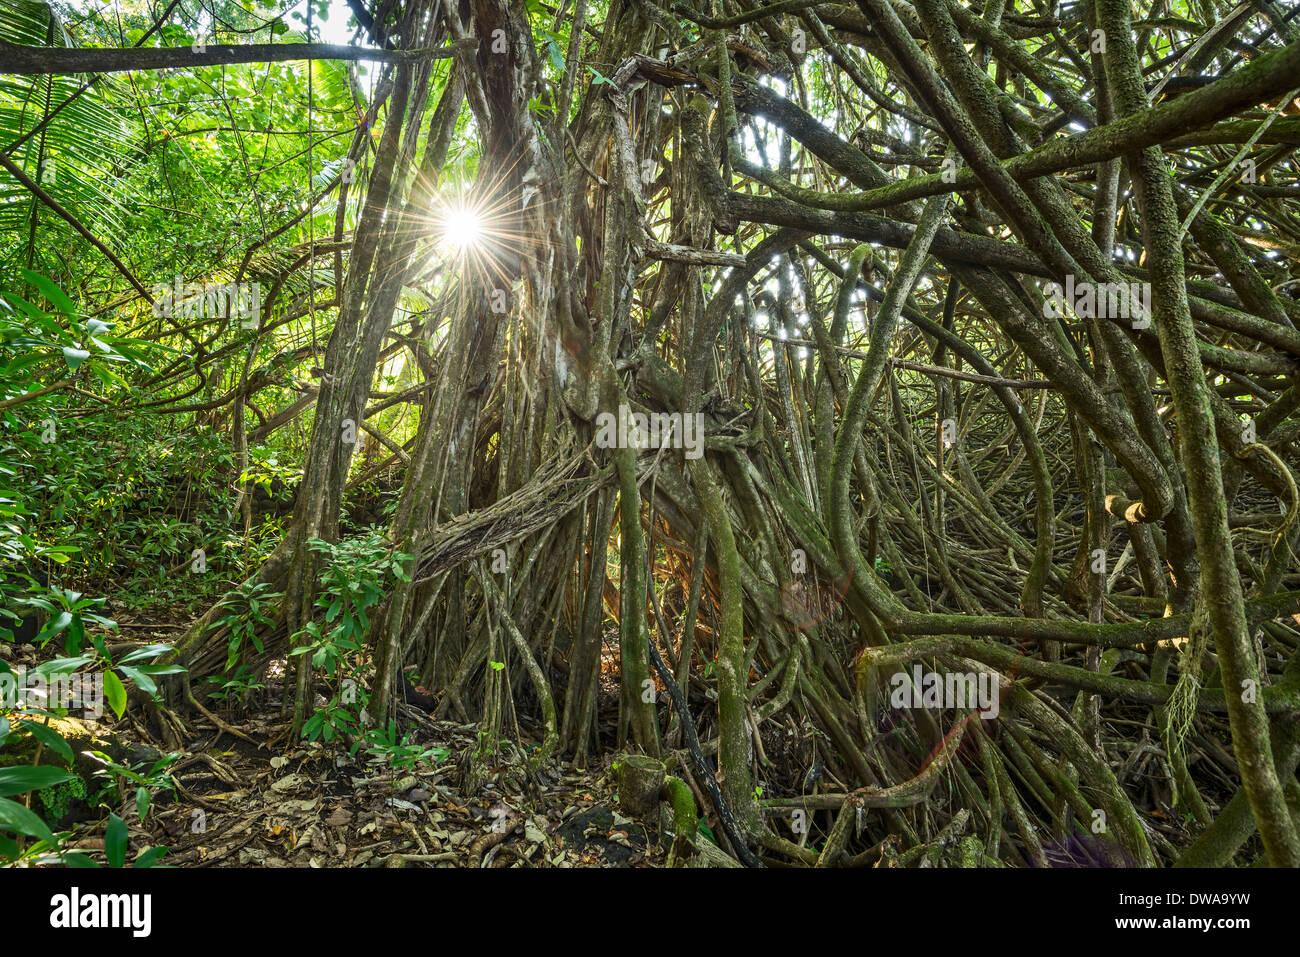 The Jungles of Nahiku on the Hawaiian Island of Maui. - Stock Image